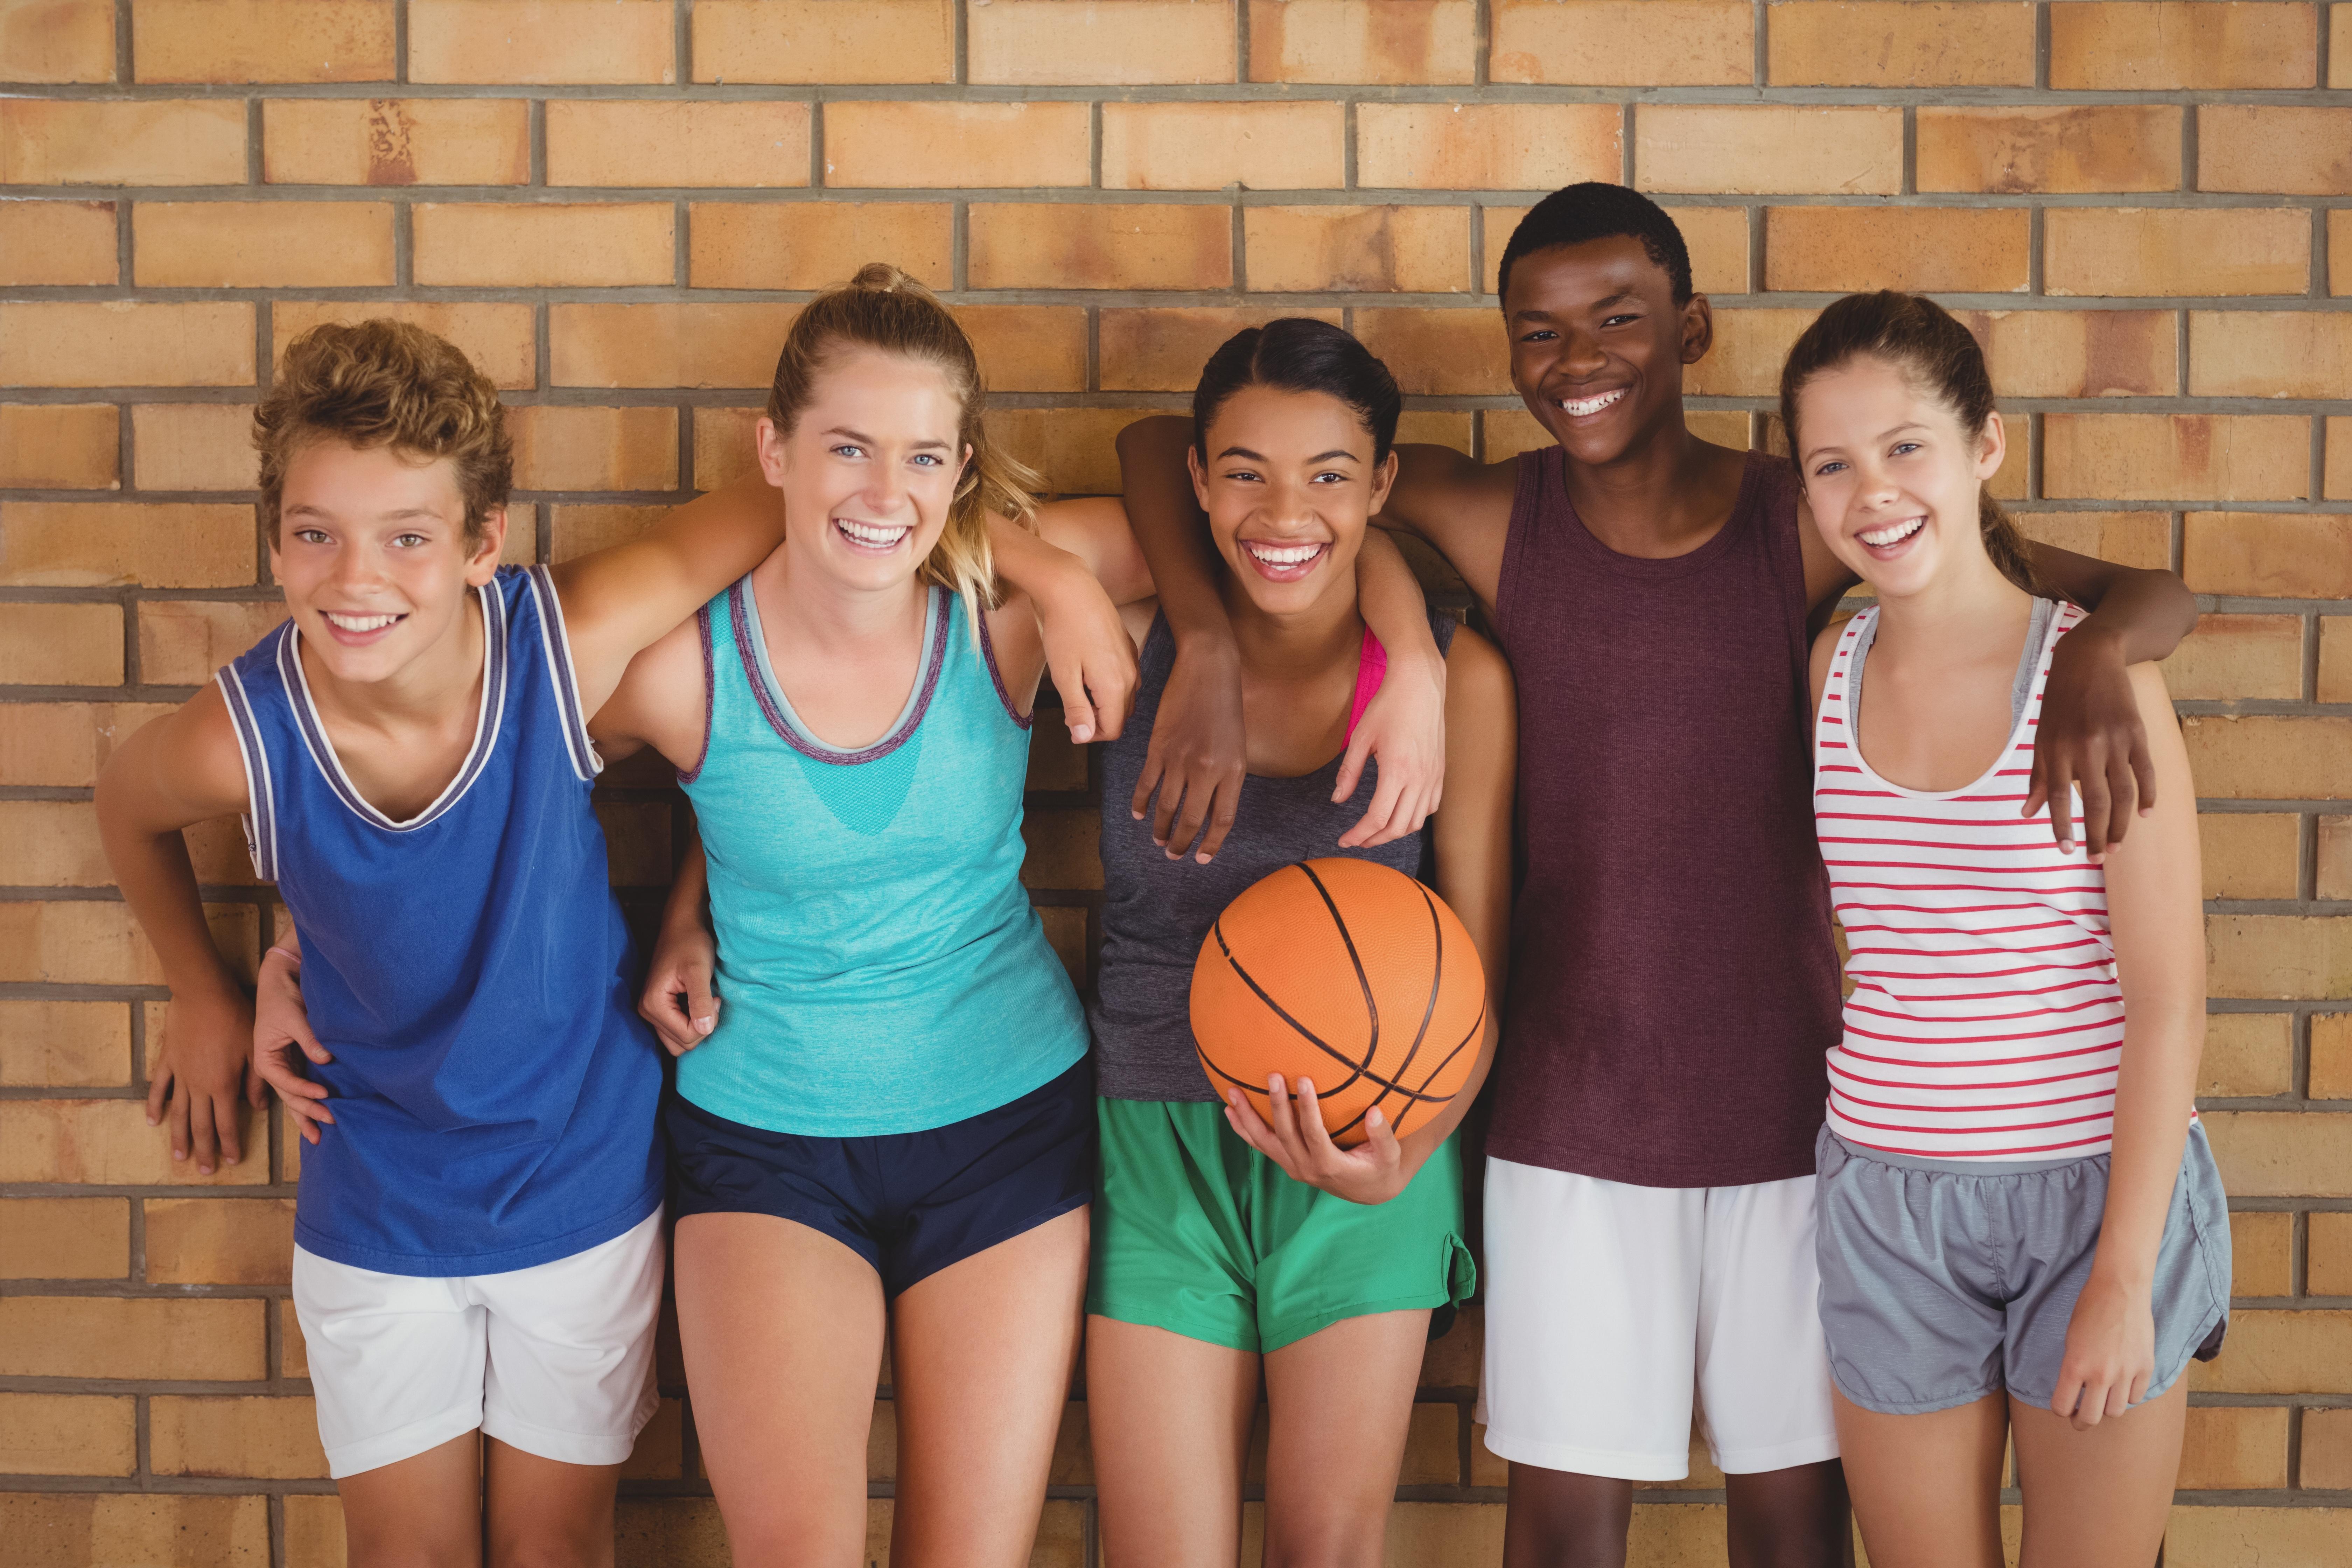 Kids with basketball